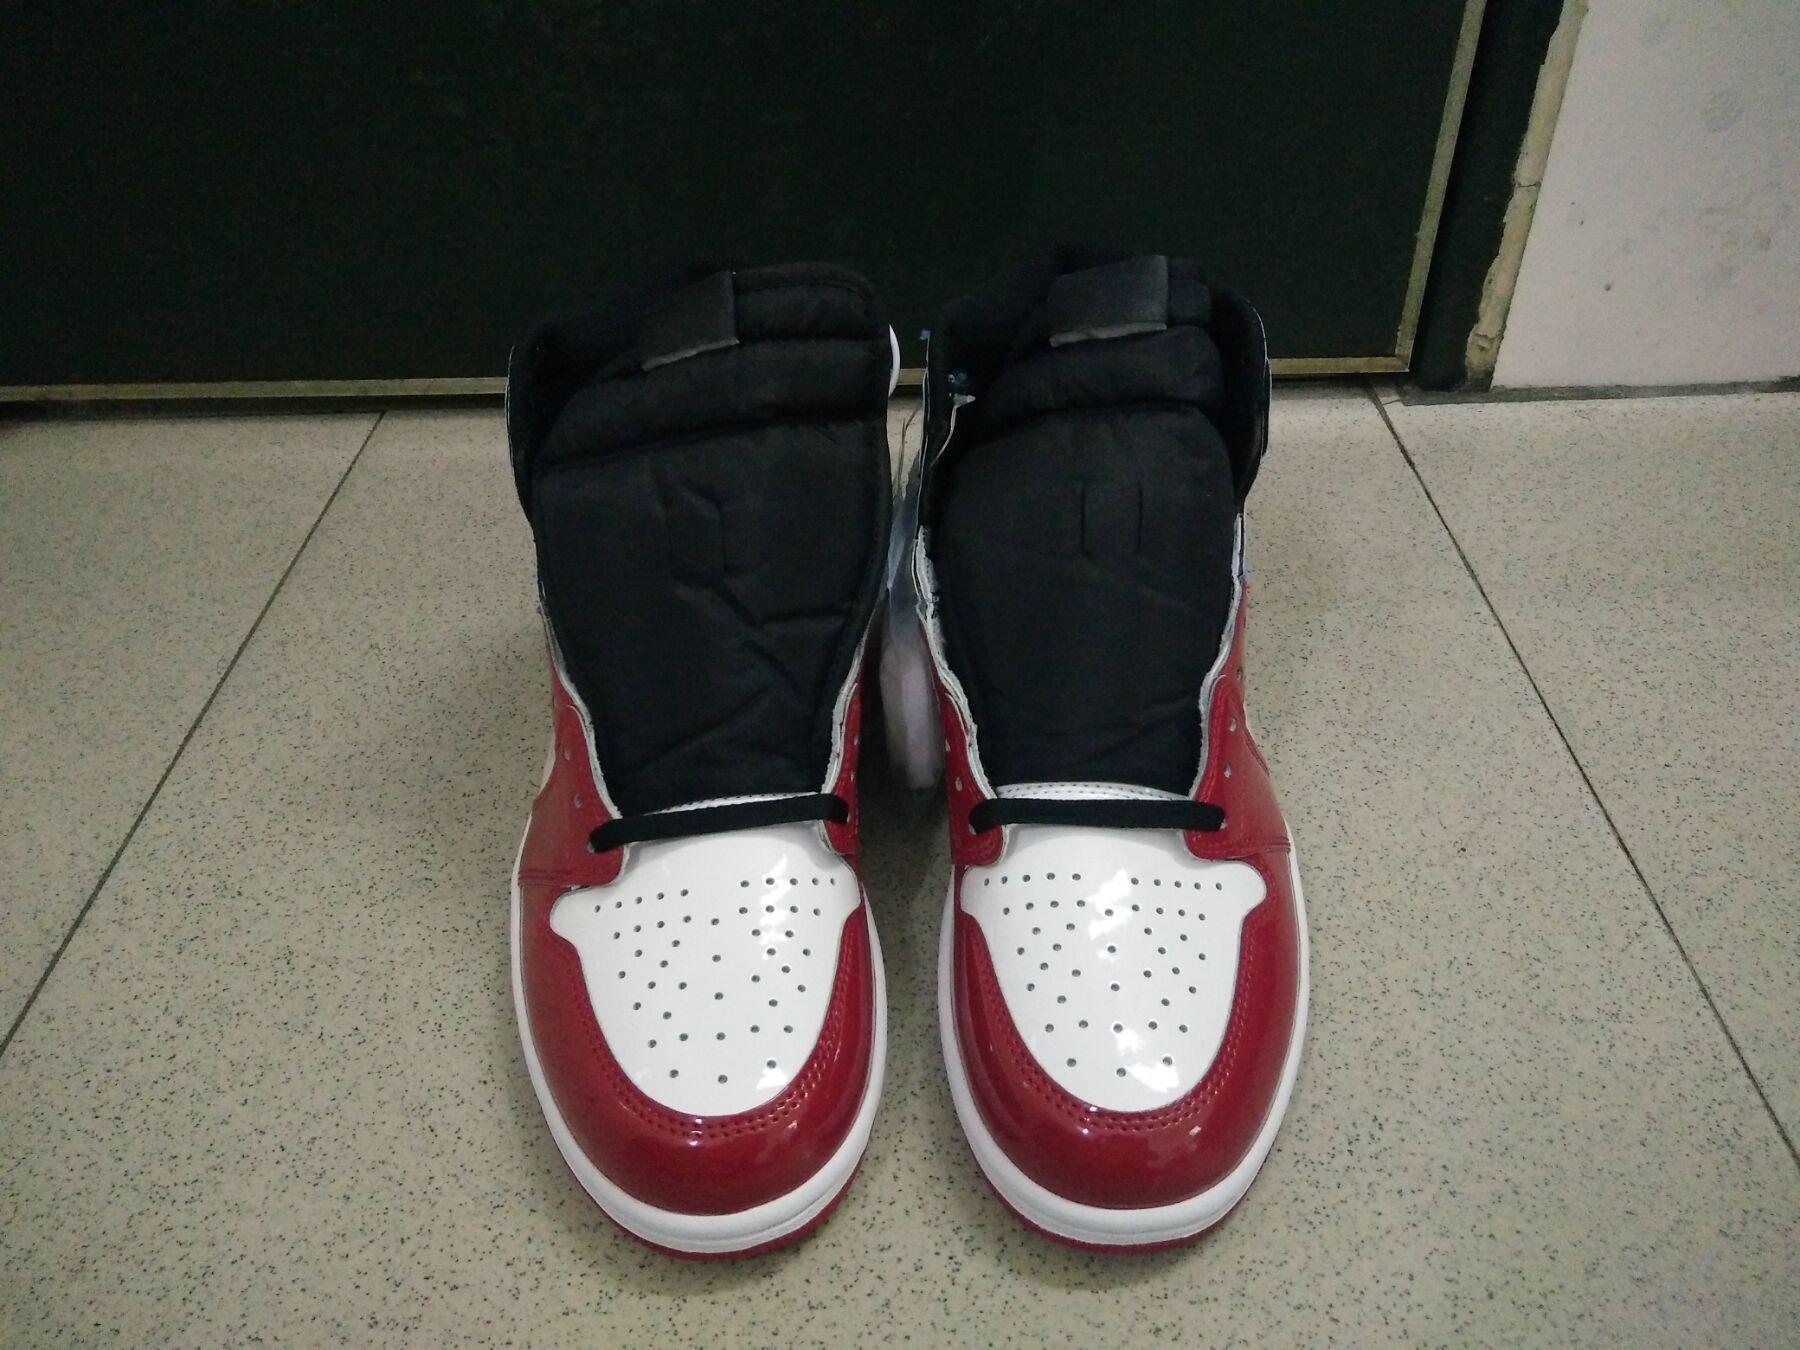 j 1 basketbol ayakkabıları erkekler atletik ayakkabılar Korkusuz CK5666-100